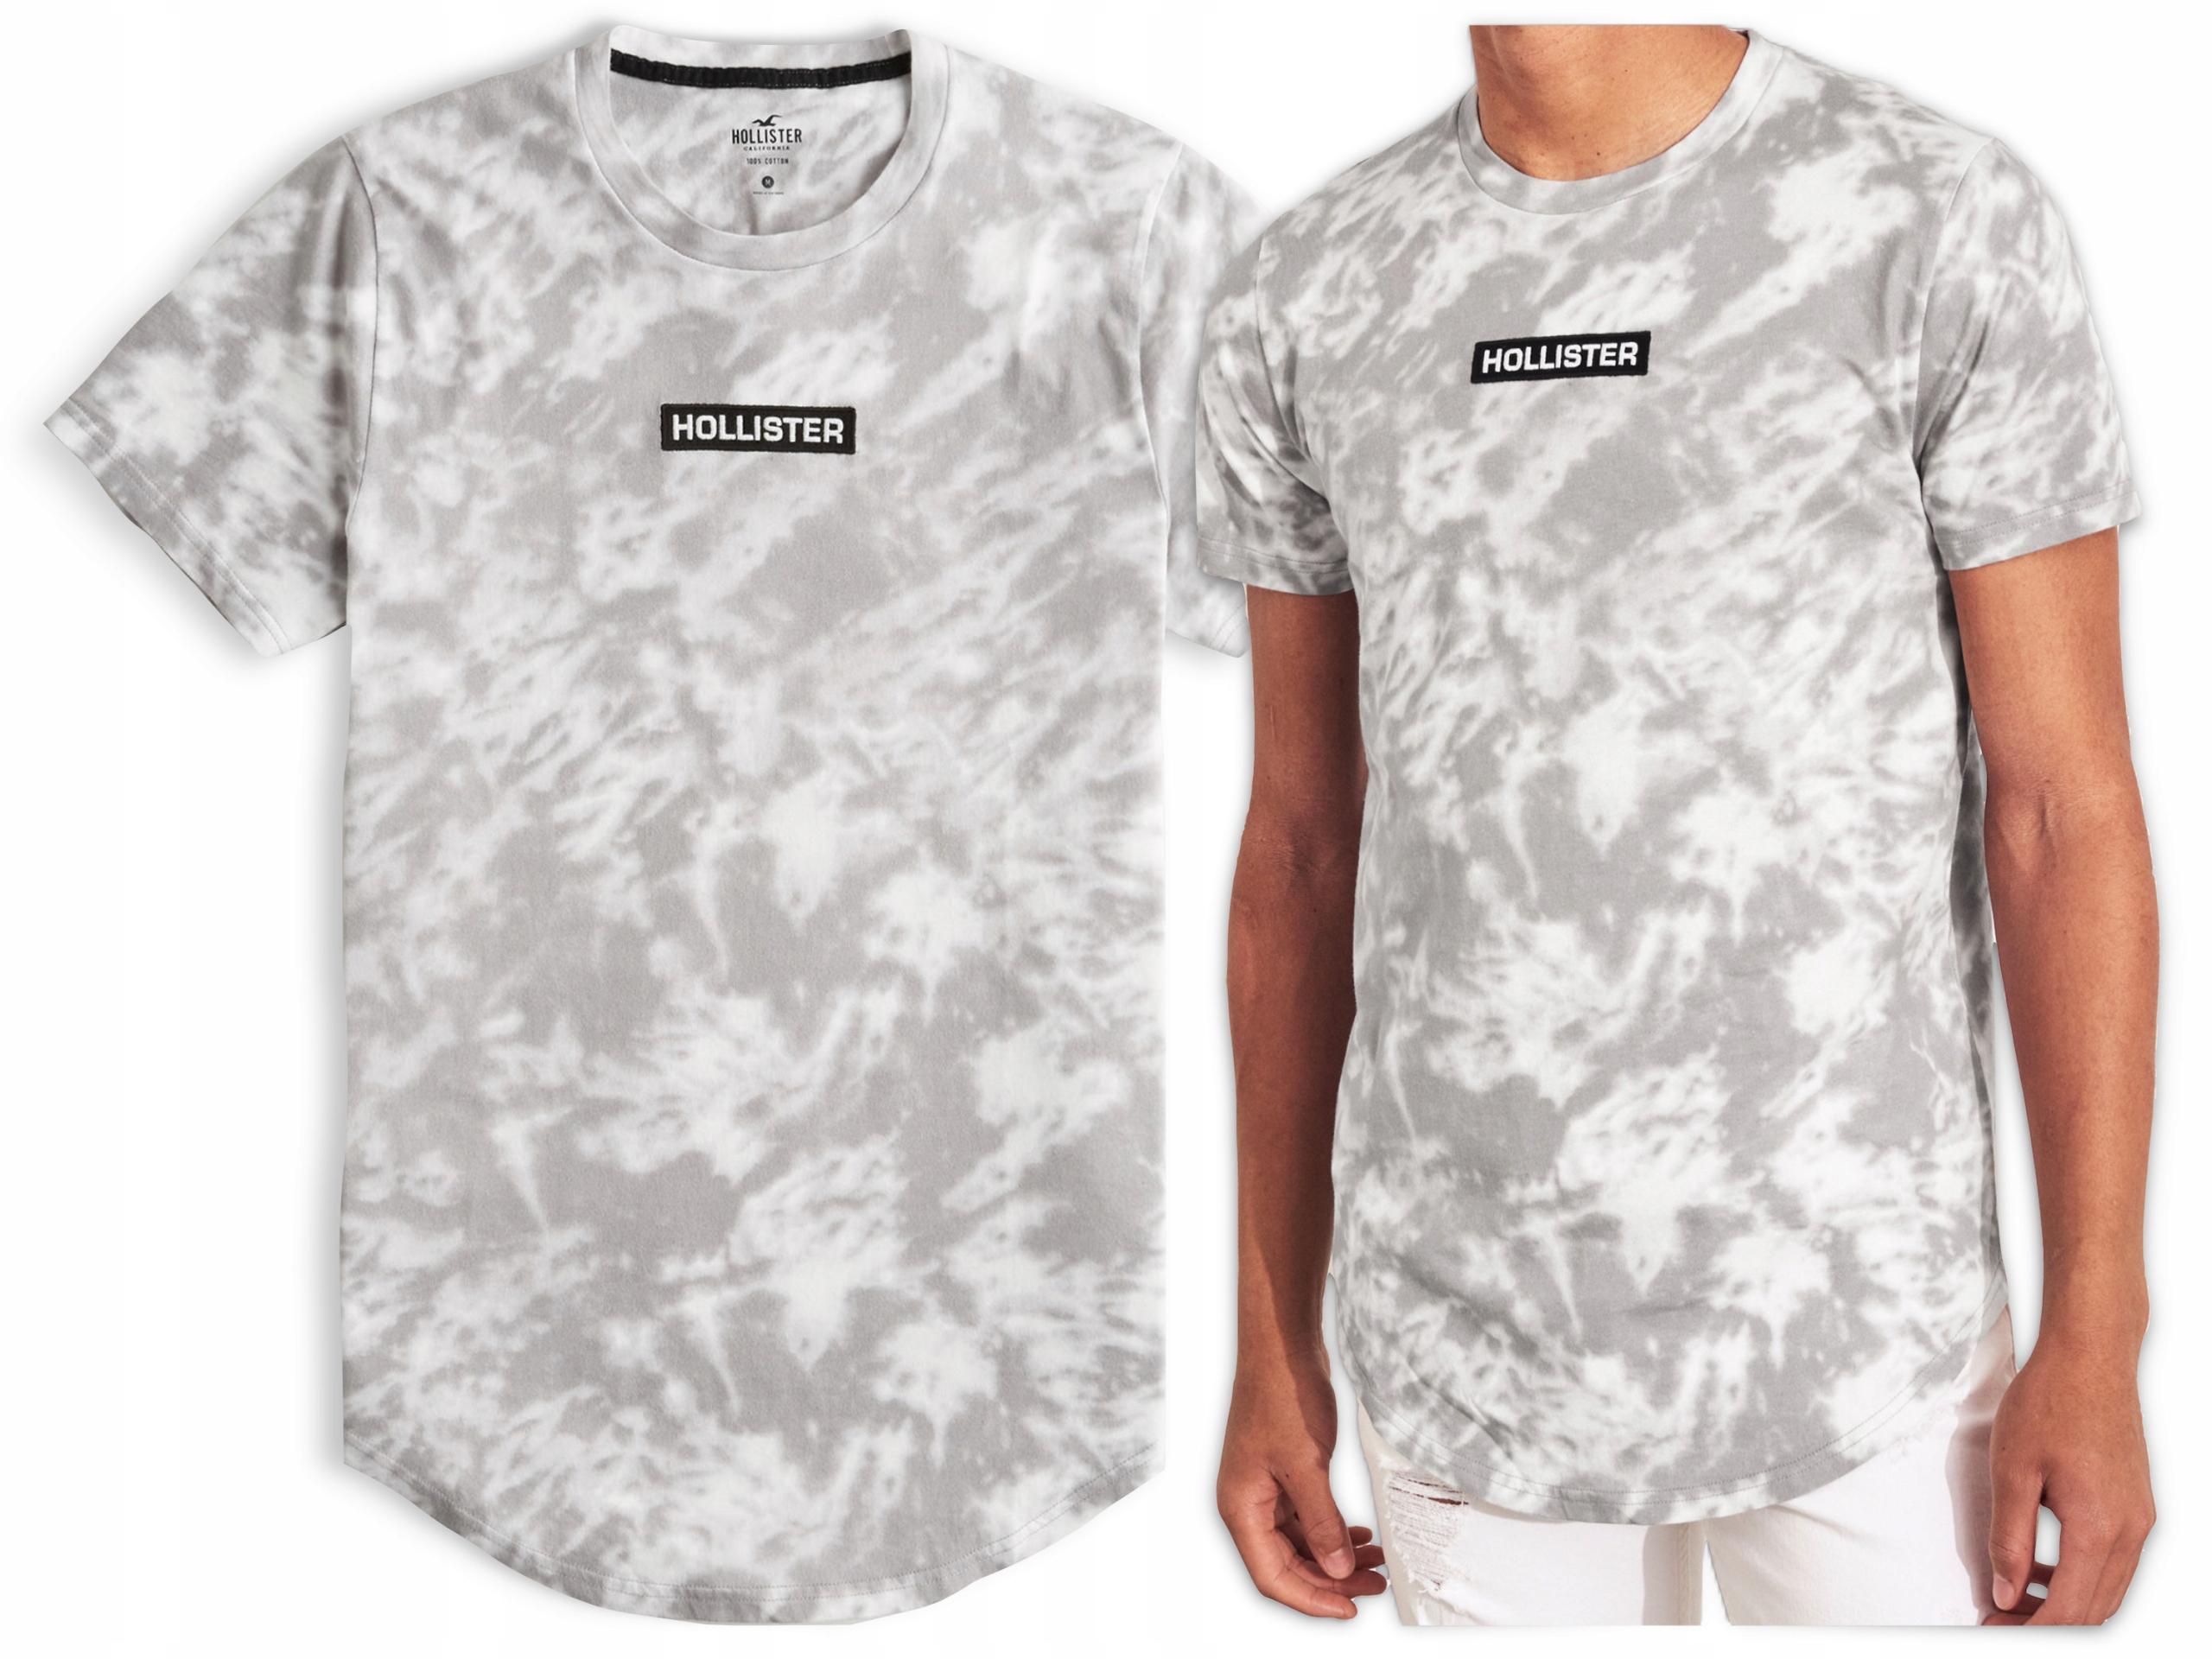 Koszulka Męska HOLLISTER Bawełna Logo T SHIRT XL